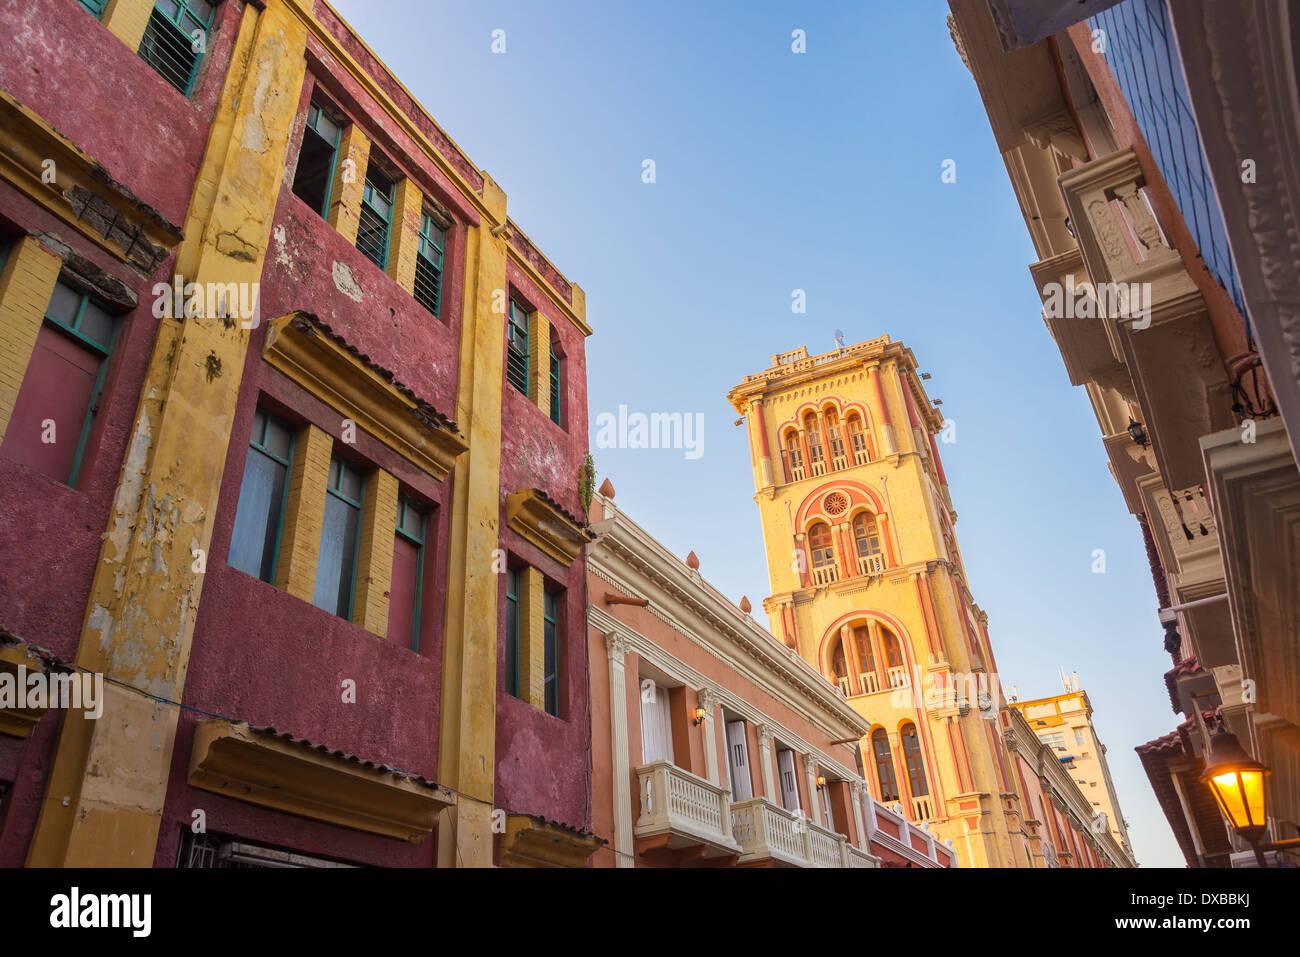 Vista de la torre de Cartagena universidad pública en el corazón del distrito histórico de la ciudad de Cartagena de Indias, Colombia Imagen De Stock